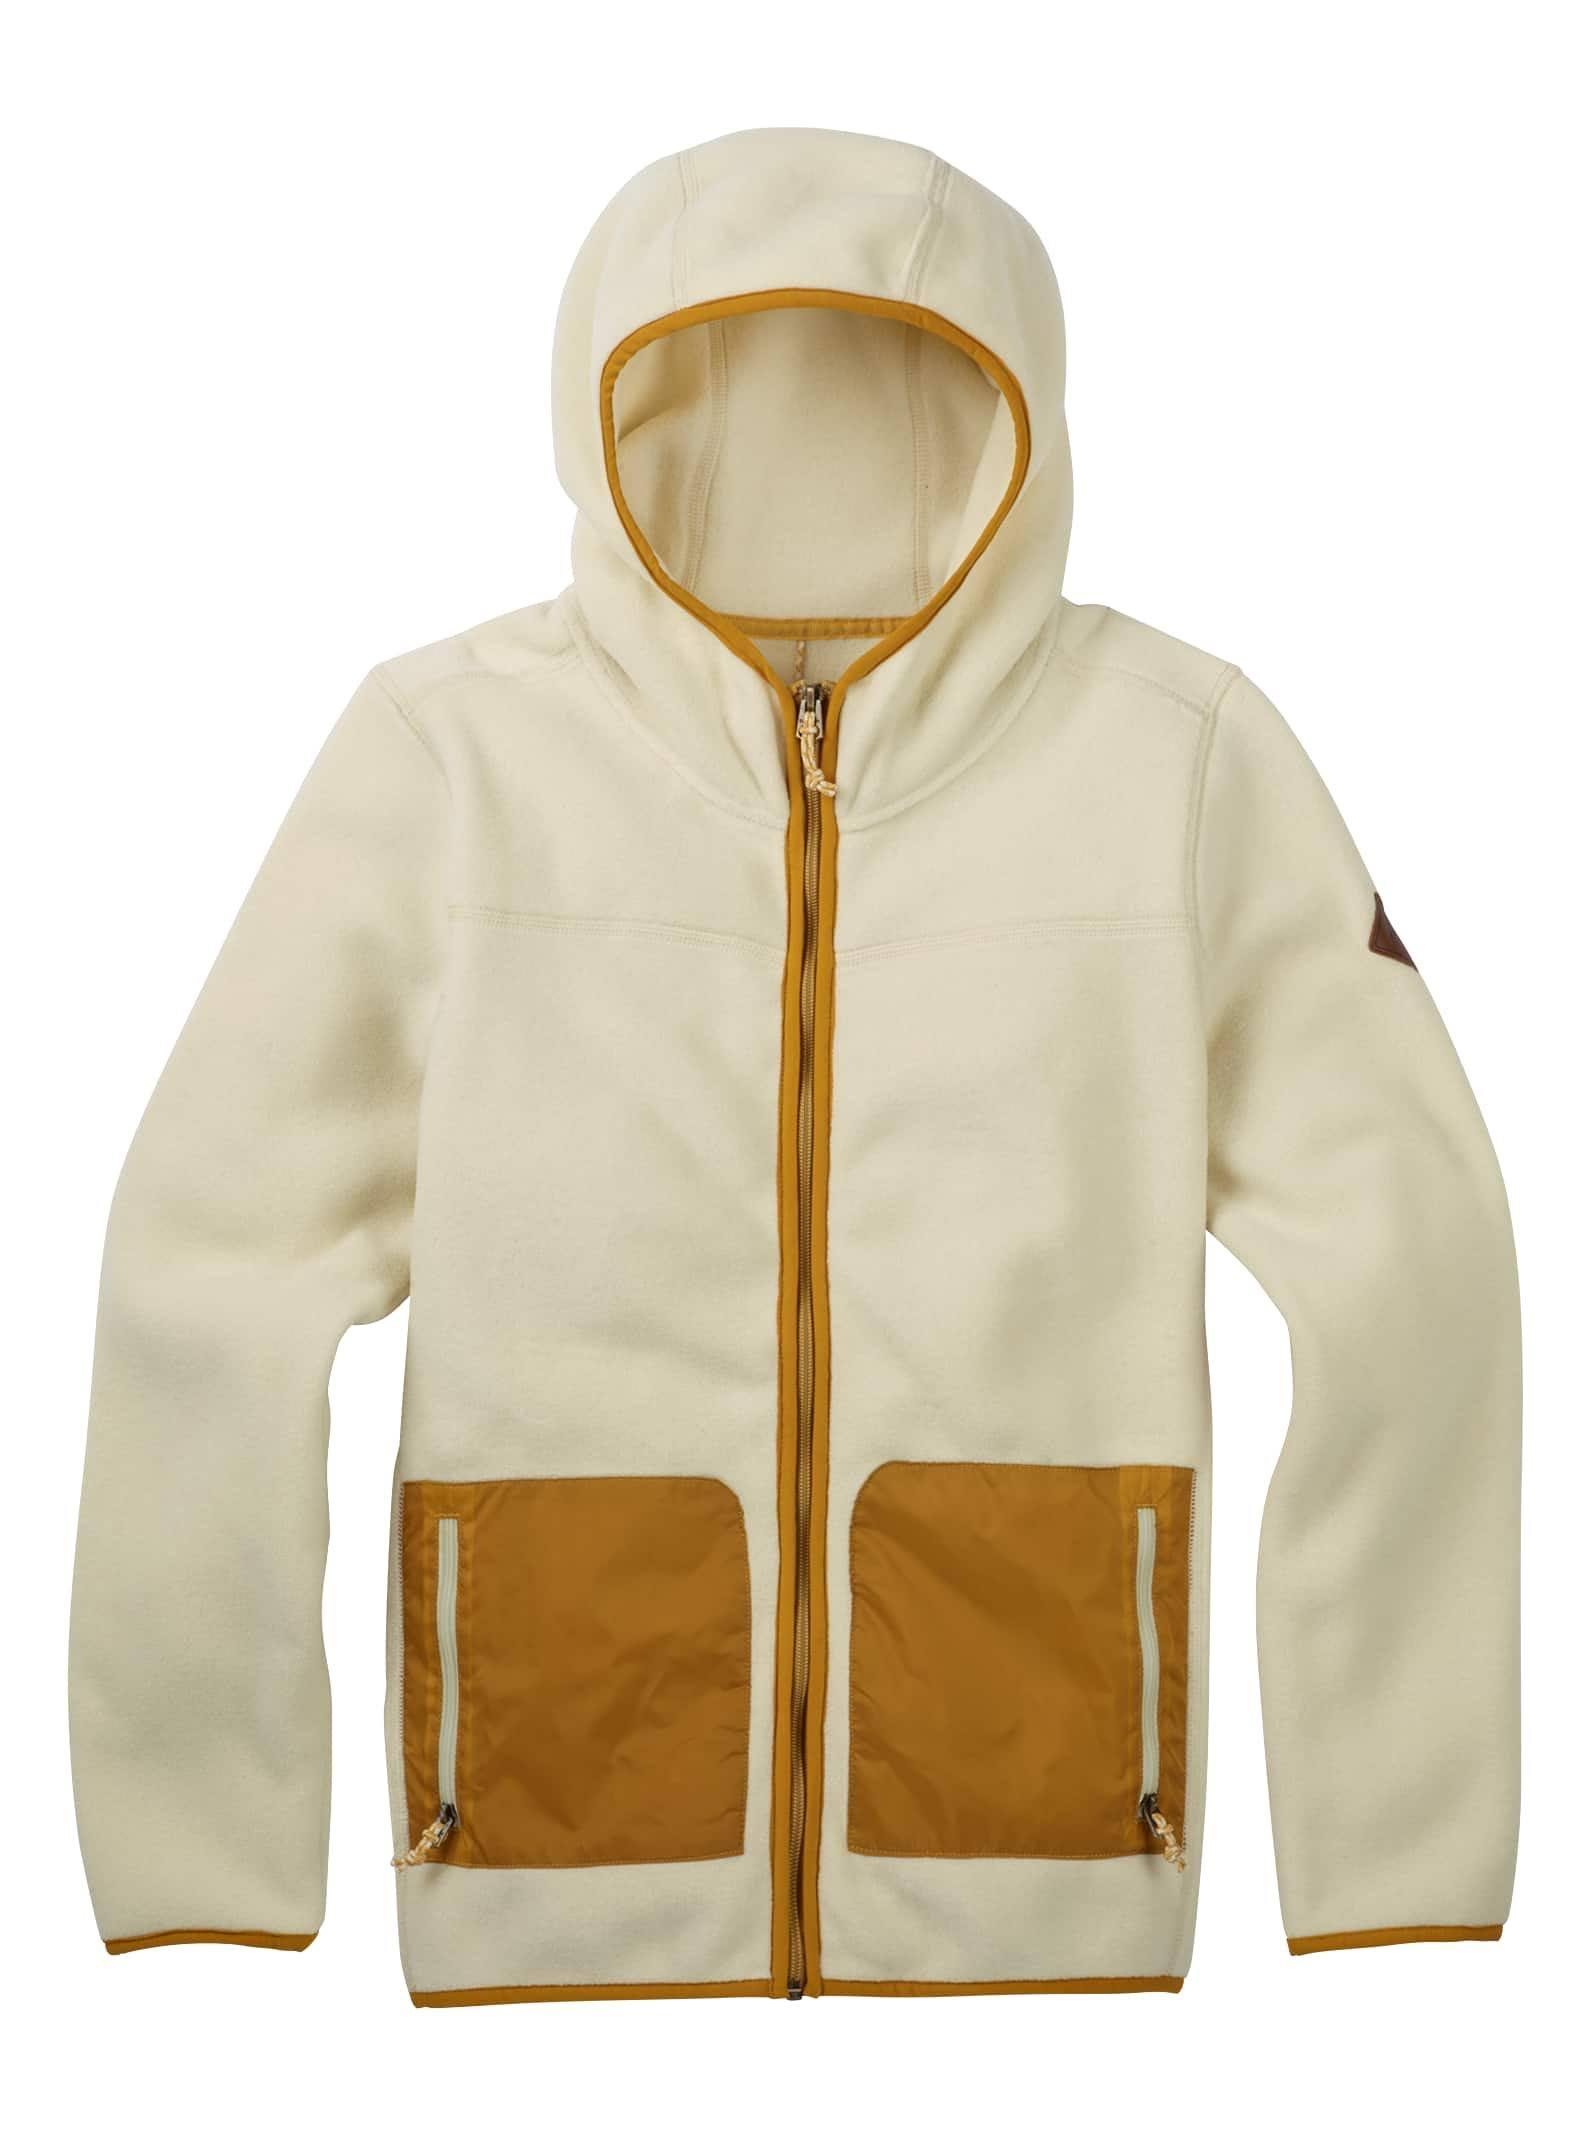 Hueso Para Fleece Cremallera Mujer Burton Con Anouk Completa Blanco vwpqTq8x7